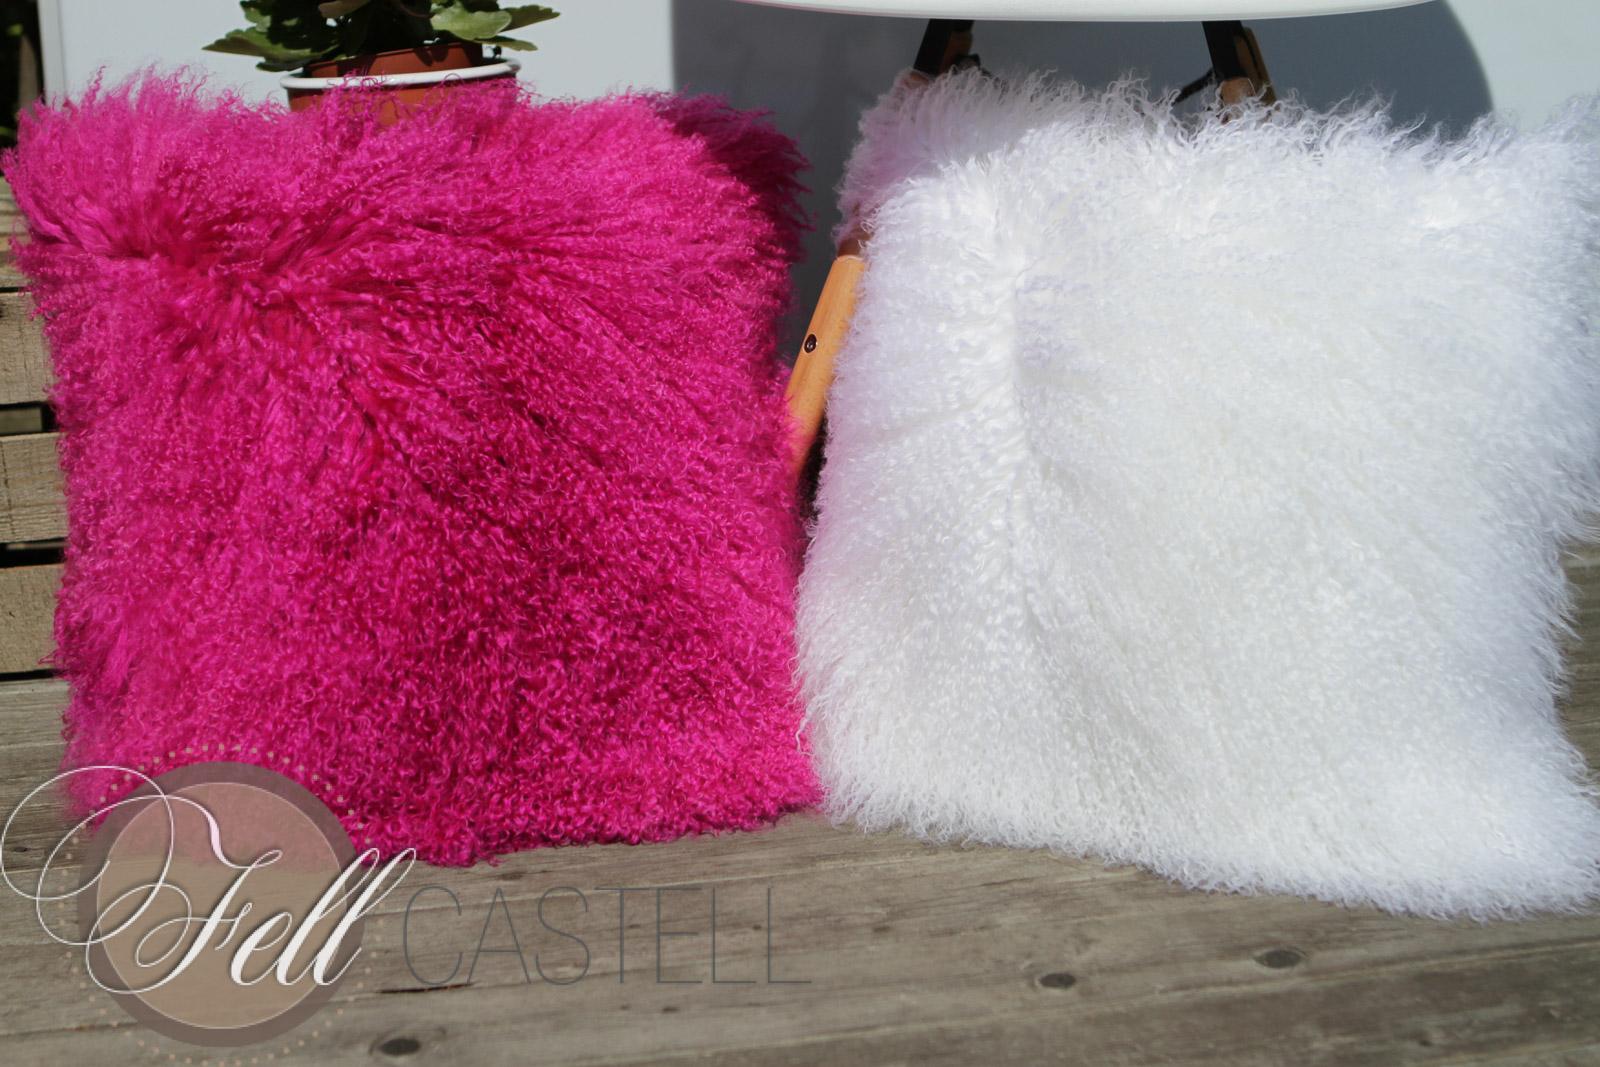 tibetlamm kissen schnee weiss 50 x 50 cm wei 50 x 50 cm lammfell schaffell shop. Black Bedroom Furniture Sets. Home Design Ideas